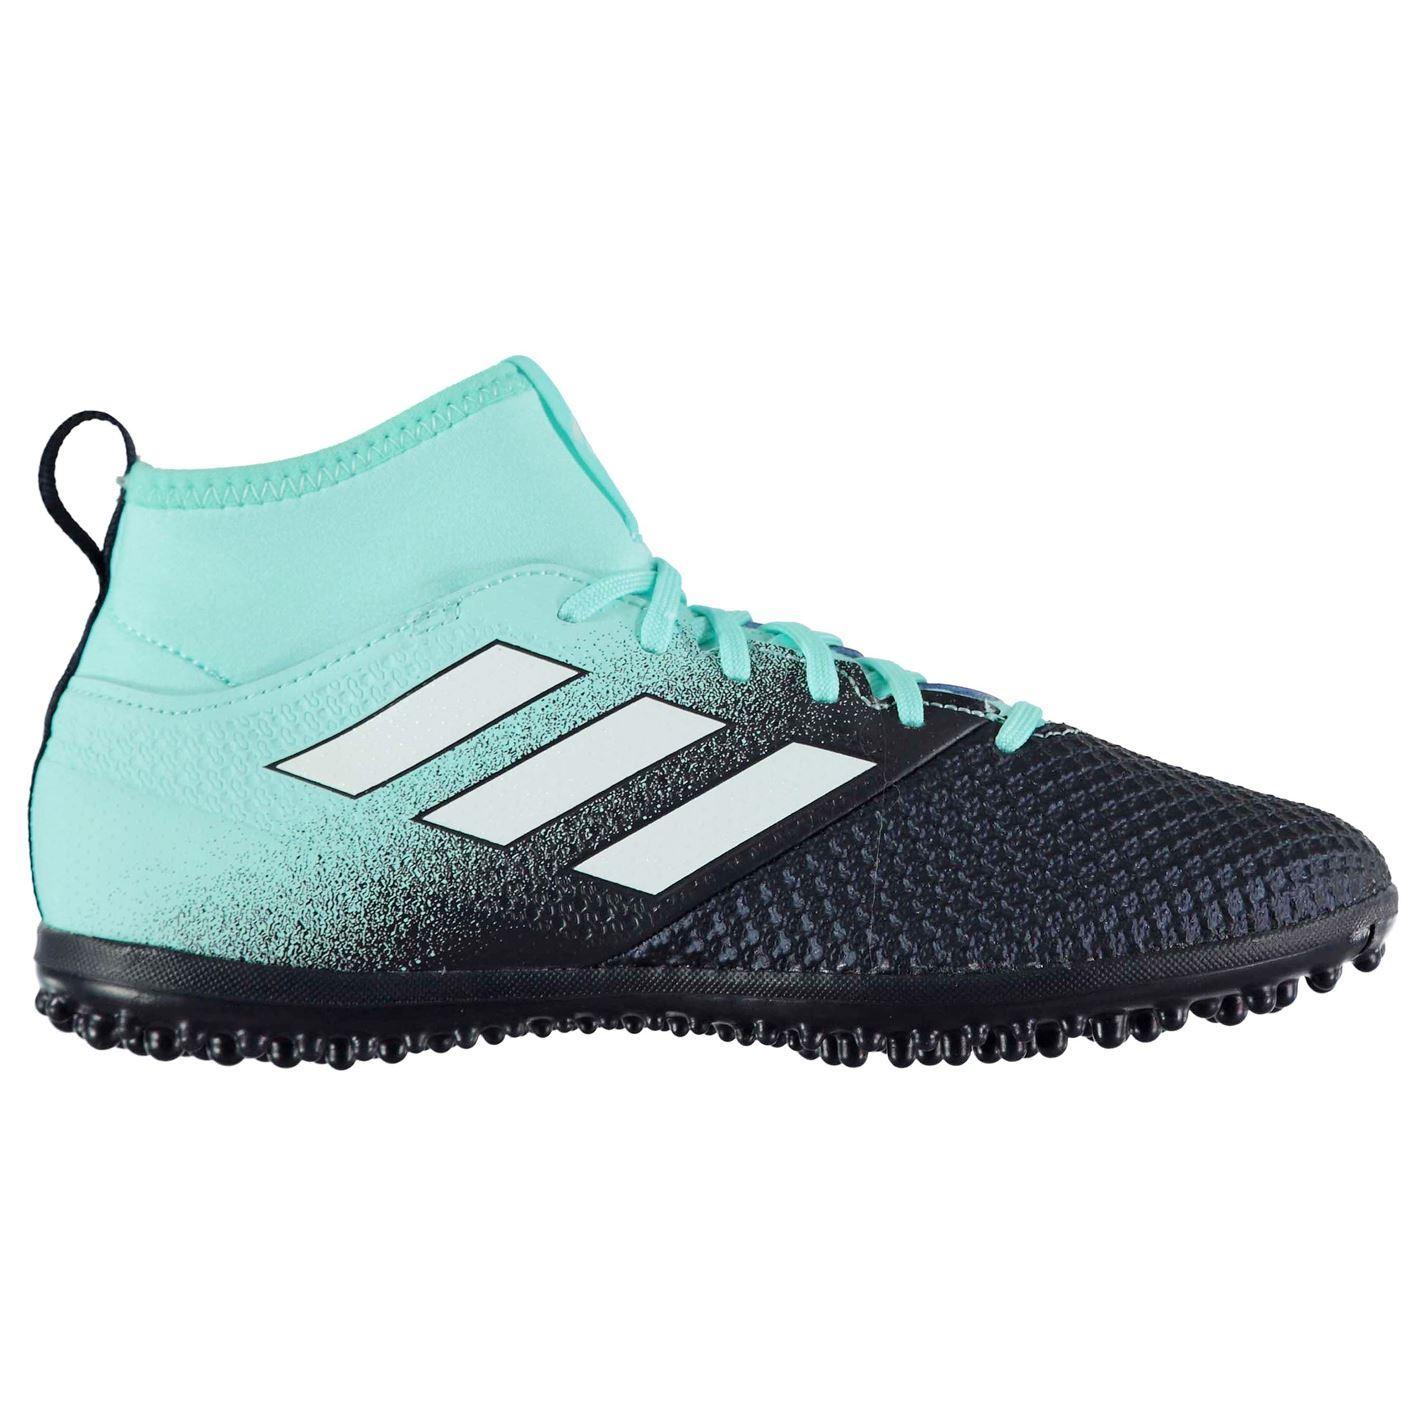 Adidas 17.3 para hombre Ace 17.3 Adidas primemesh Astro Turf Entrenadores De Fútbol Botas con Cordones de Punto 7c016b